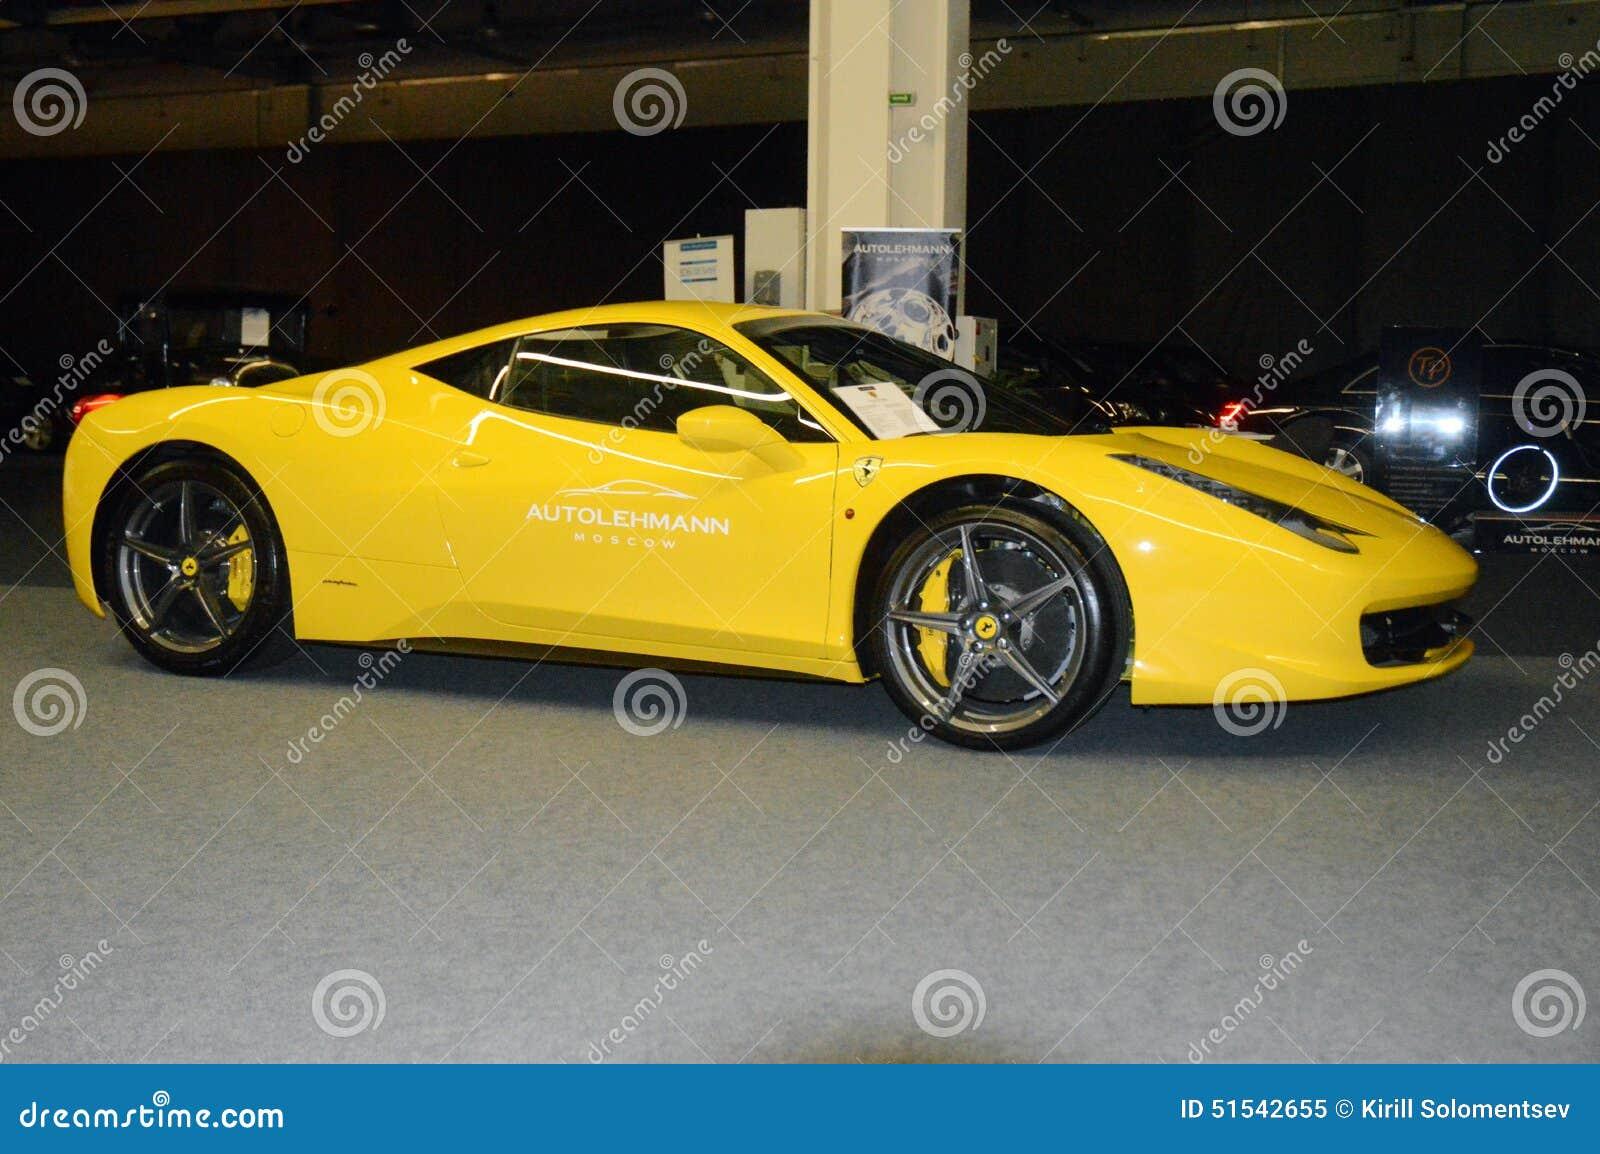 Ferrari 458 Italia Yellow Color In The Showroom Editorial Image Image Of Maranello Color 51542655